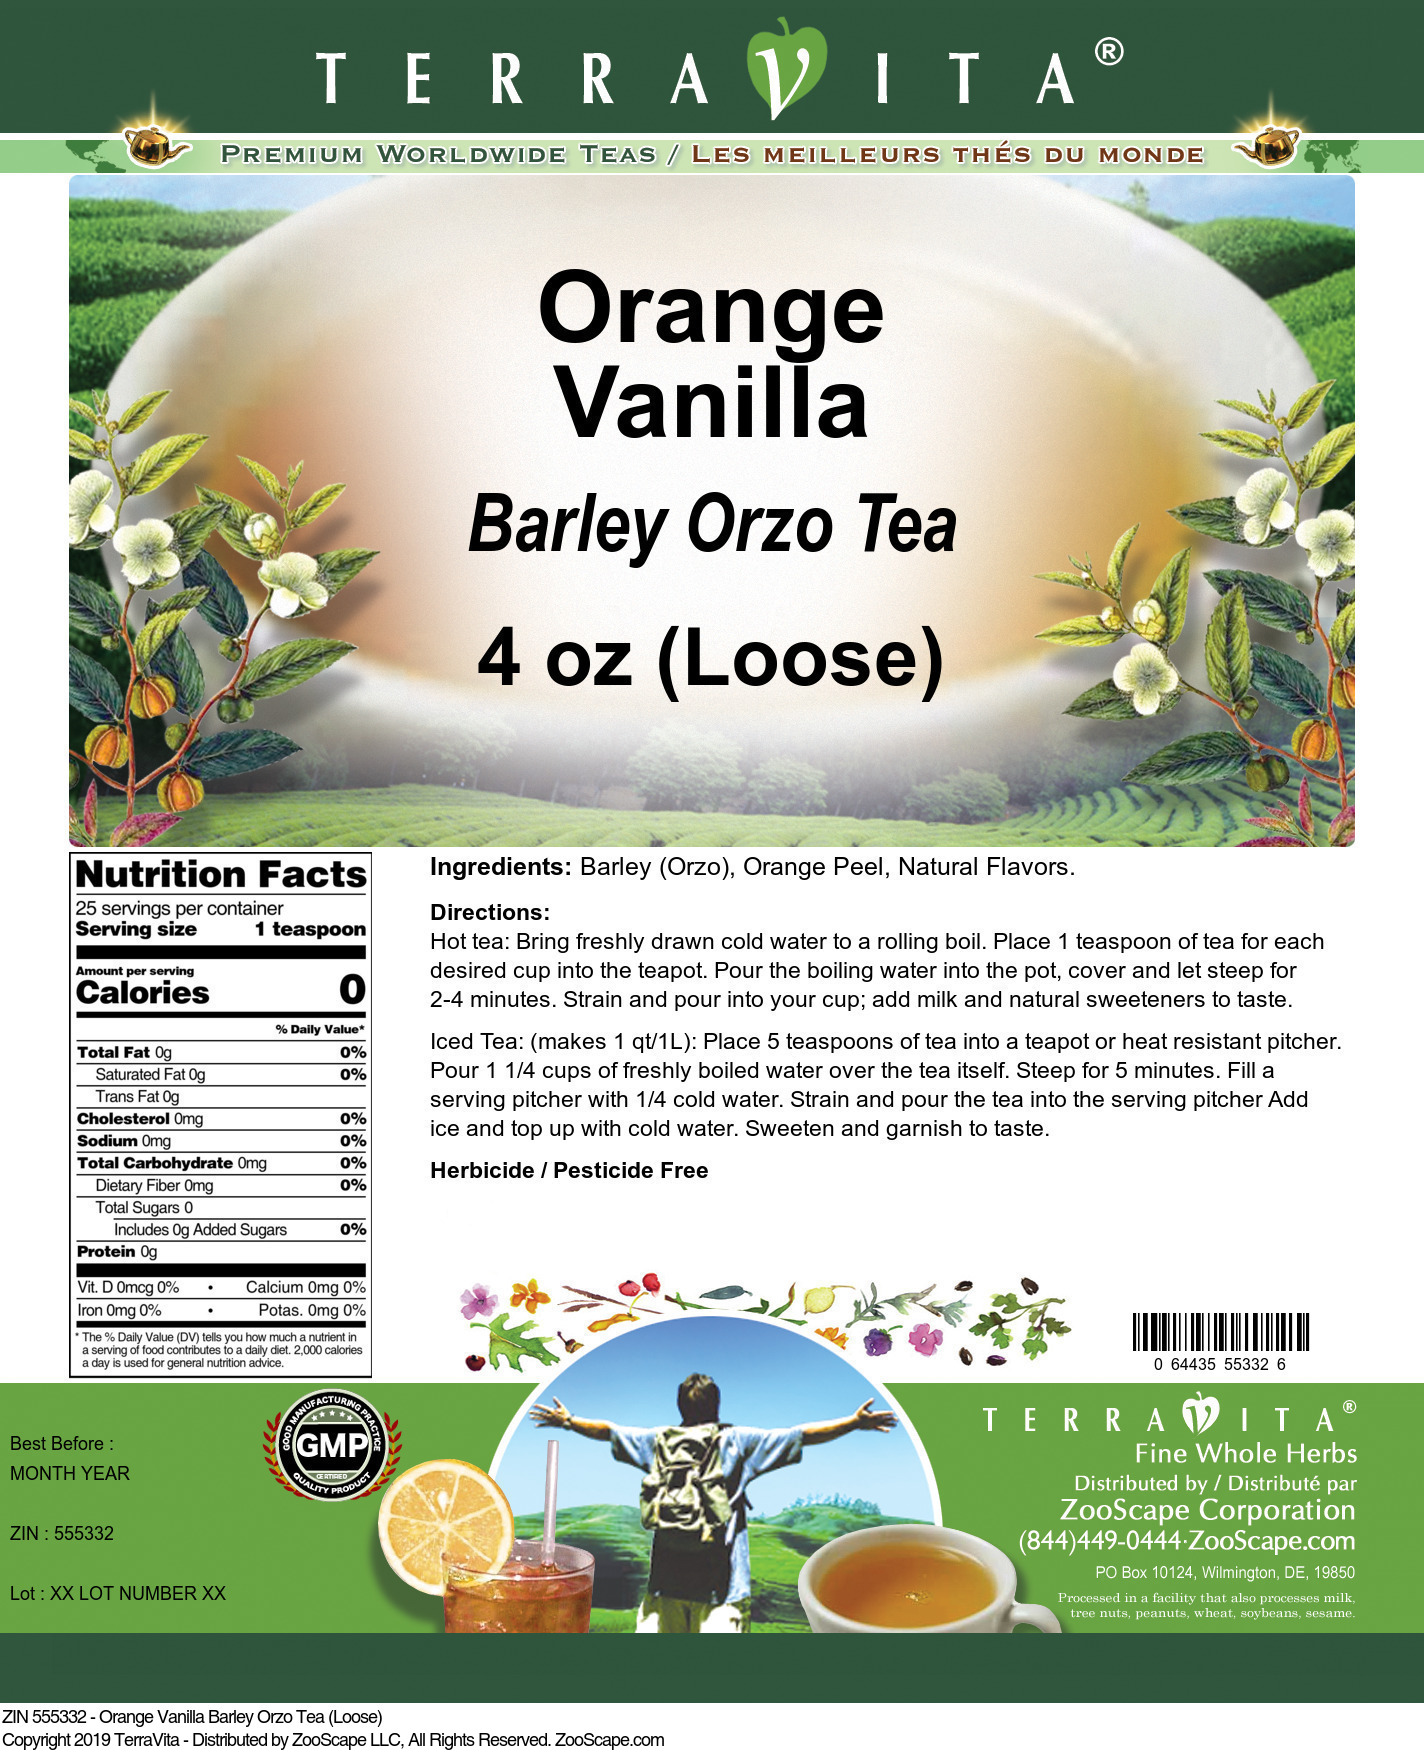 Orange Vanilla Barley Orzo Tea (Loose)